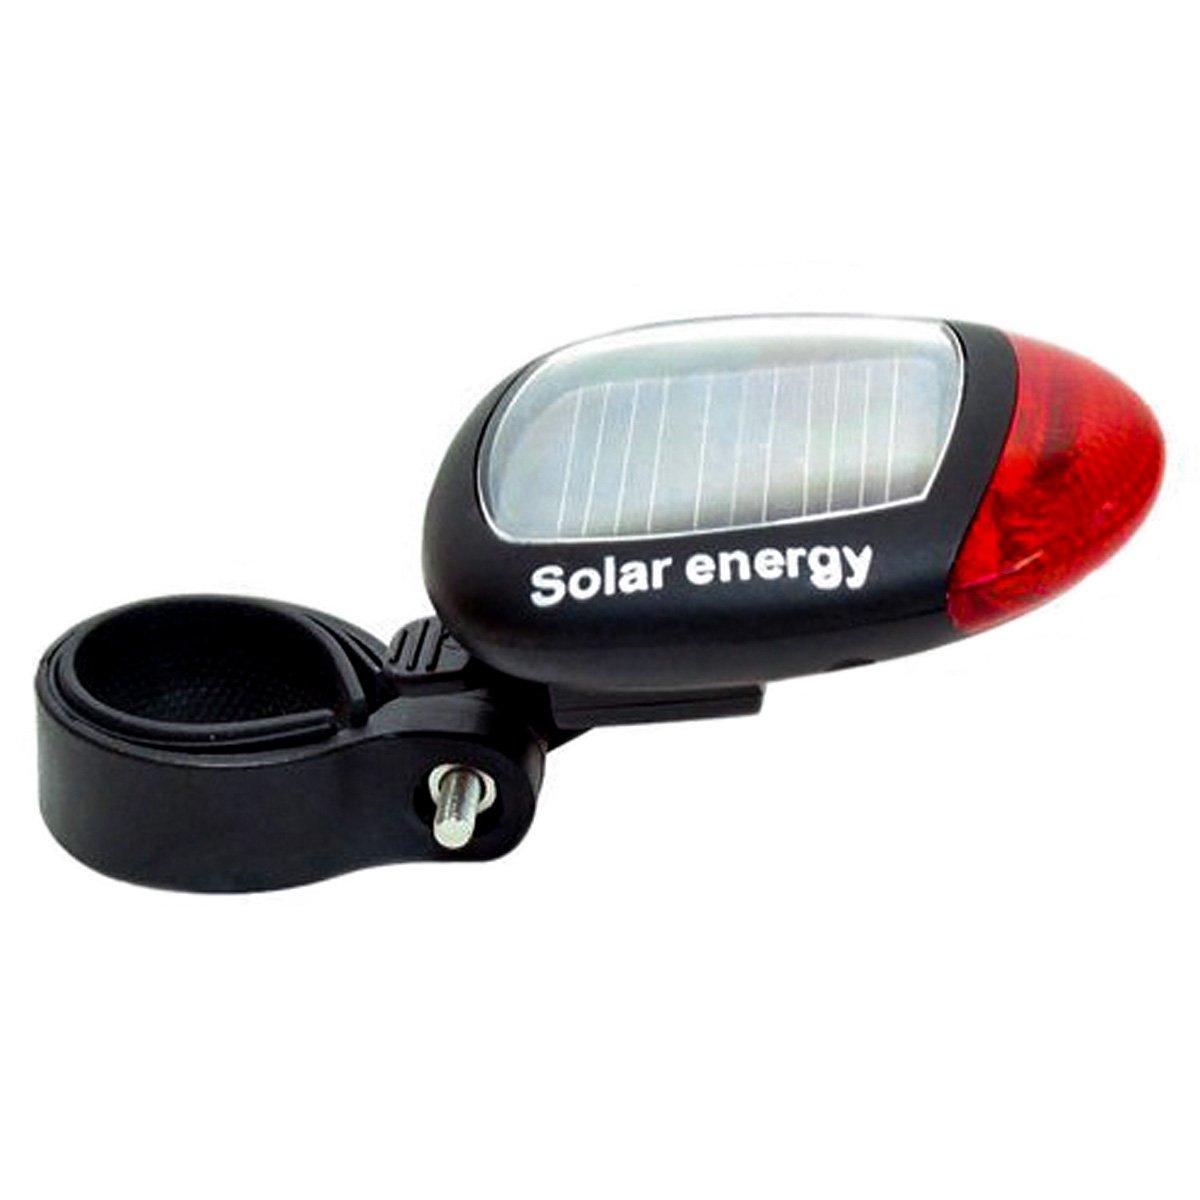 Sasairy Luces Traseras de Bicicleta Energía Solar Luces Bicicleta con 3 Modos de Iluminación Ideal para Tubo de Asiento de Bicicleta entre 30mm